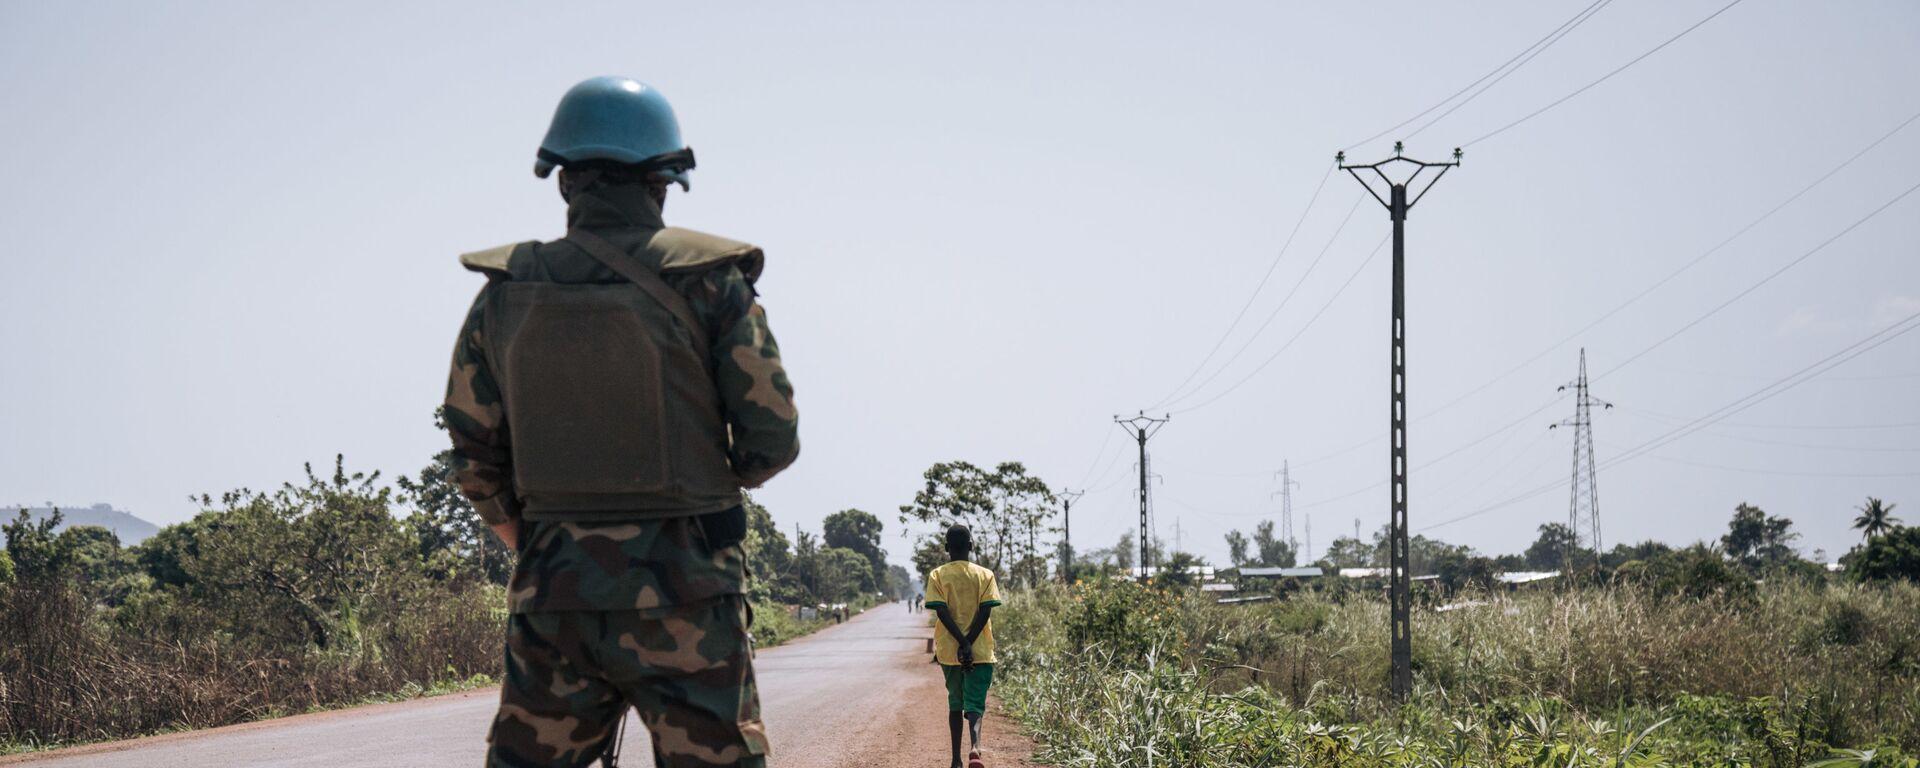 Fuerzas de paz de la ONU en República Centroafricana - Sputnik Mundo, 1920, 21.01.2021